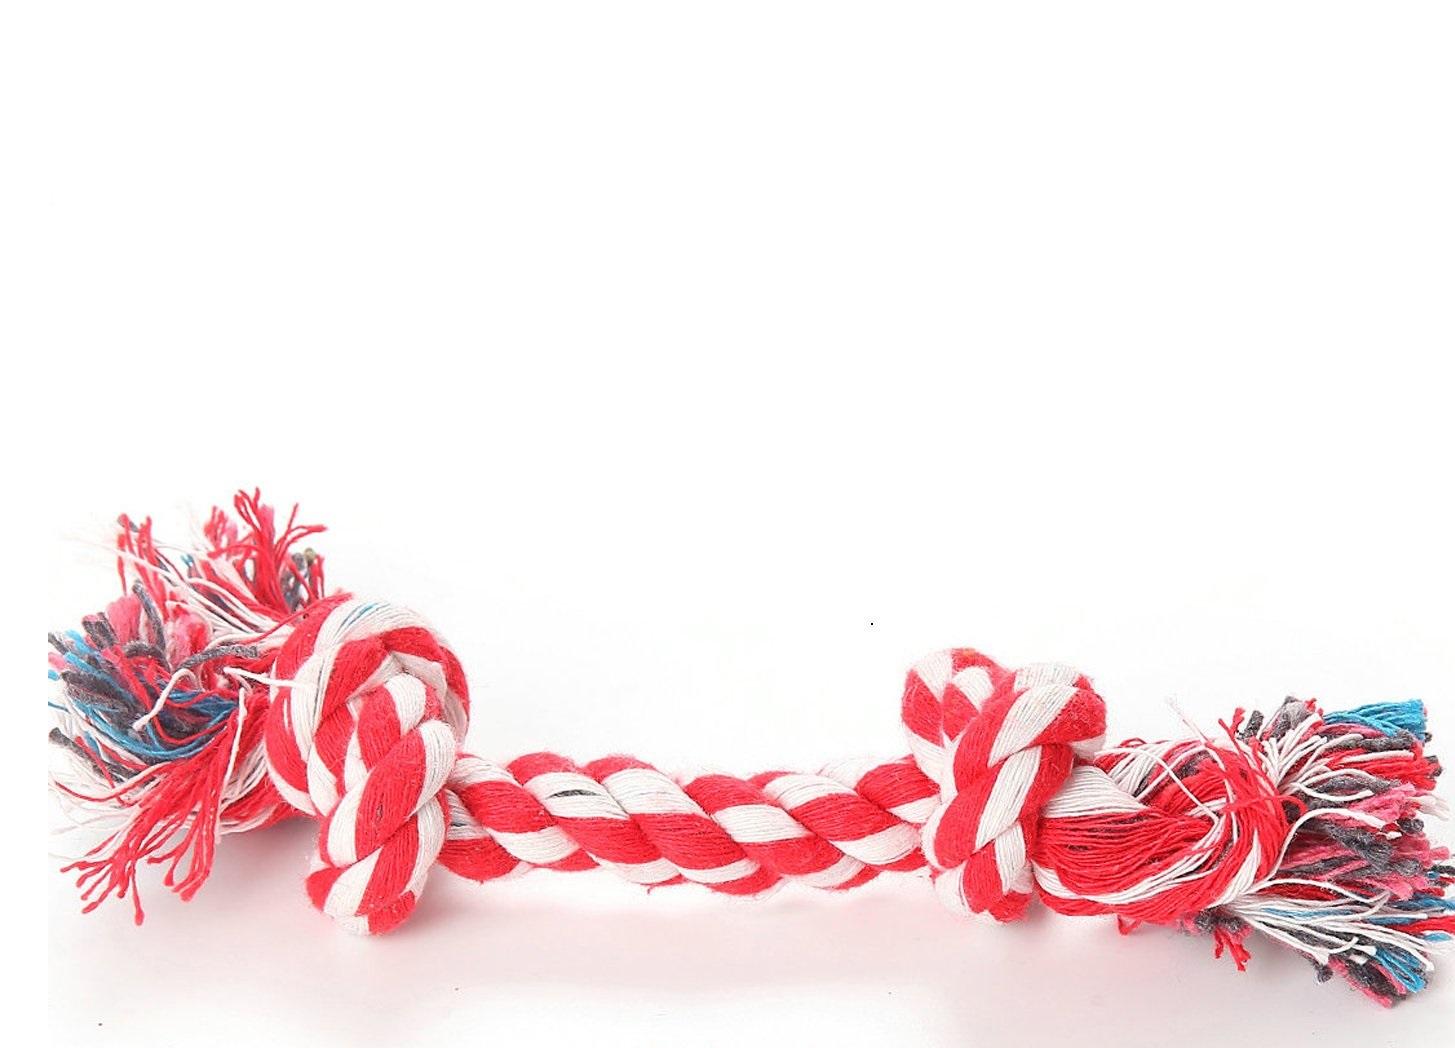 juguetes para perros con cuerdas juguetes para perros con cuerdas comprar ofertas precio barato economico tienda categoria comprar juguetes para perros con cuerdas resistente